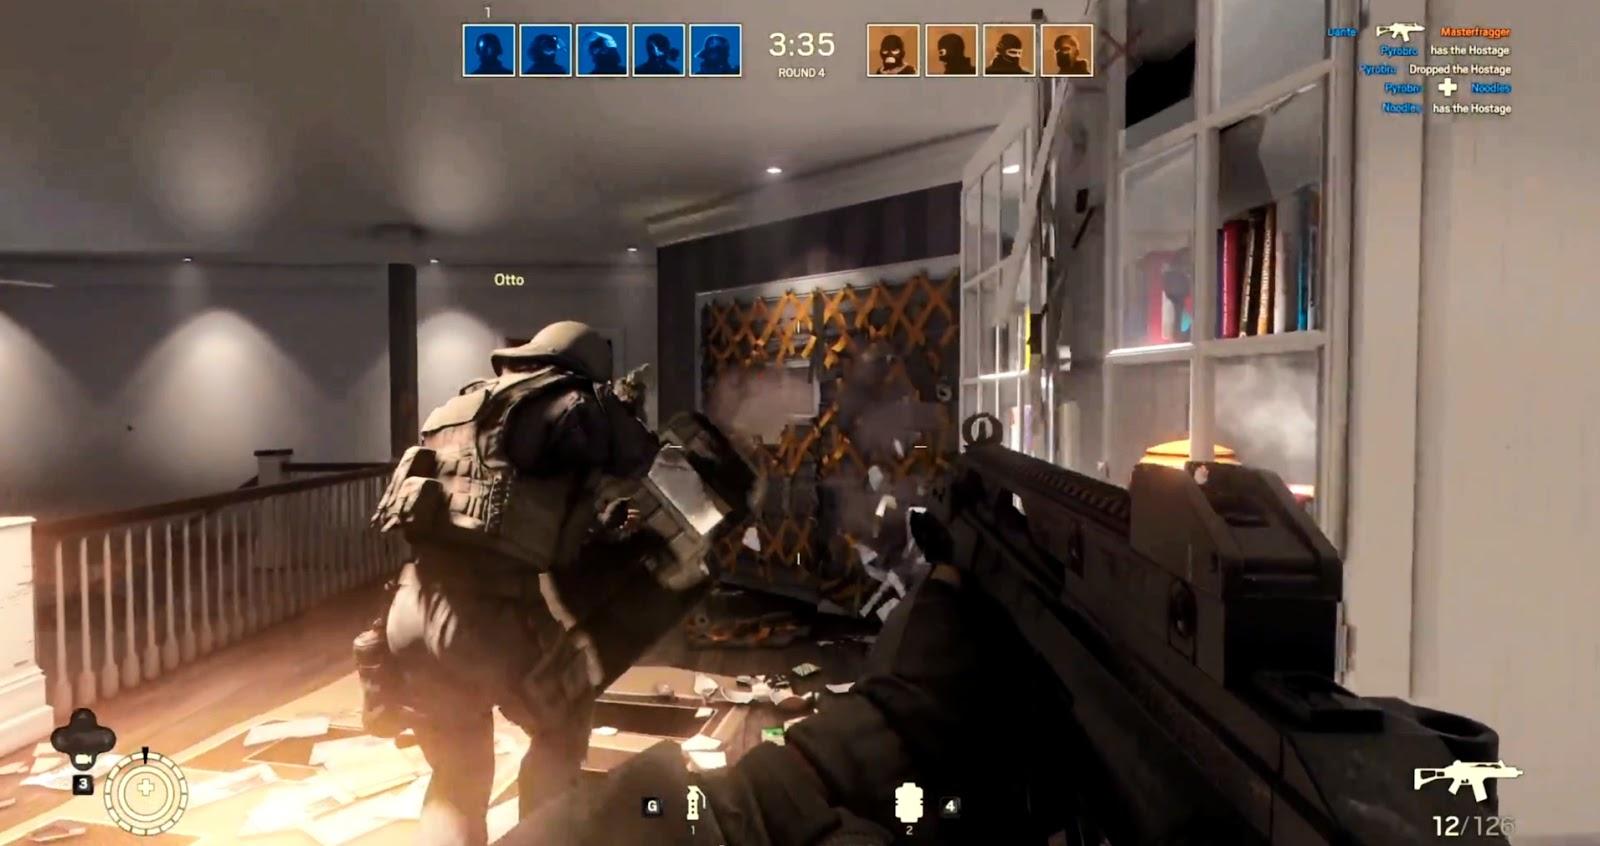 تحميل لعبة rainbow six siege للكمبيوتر برابط مباشر 100